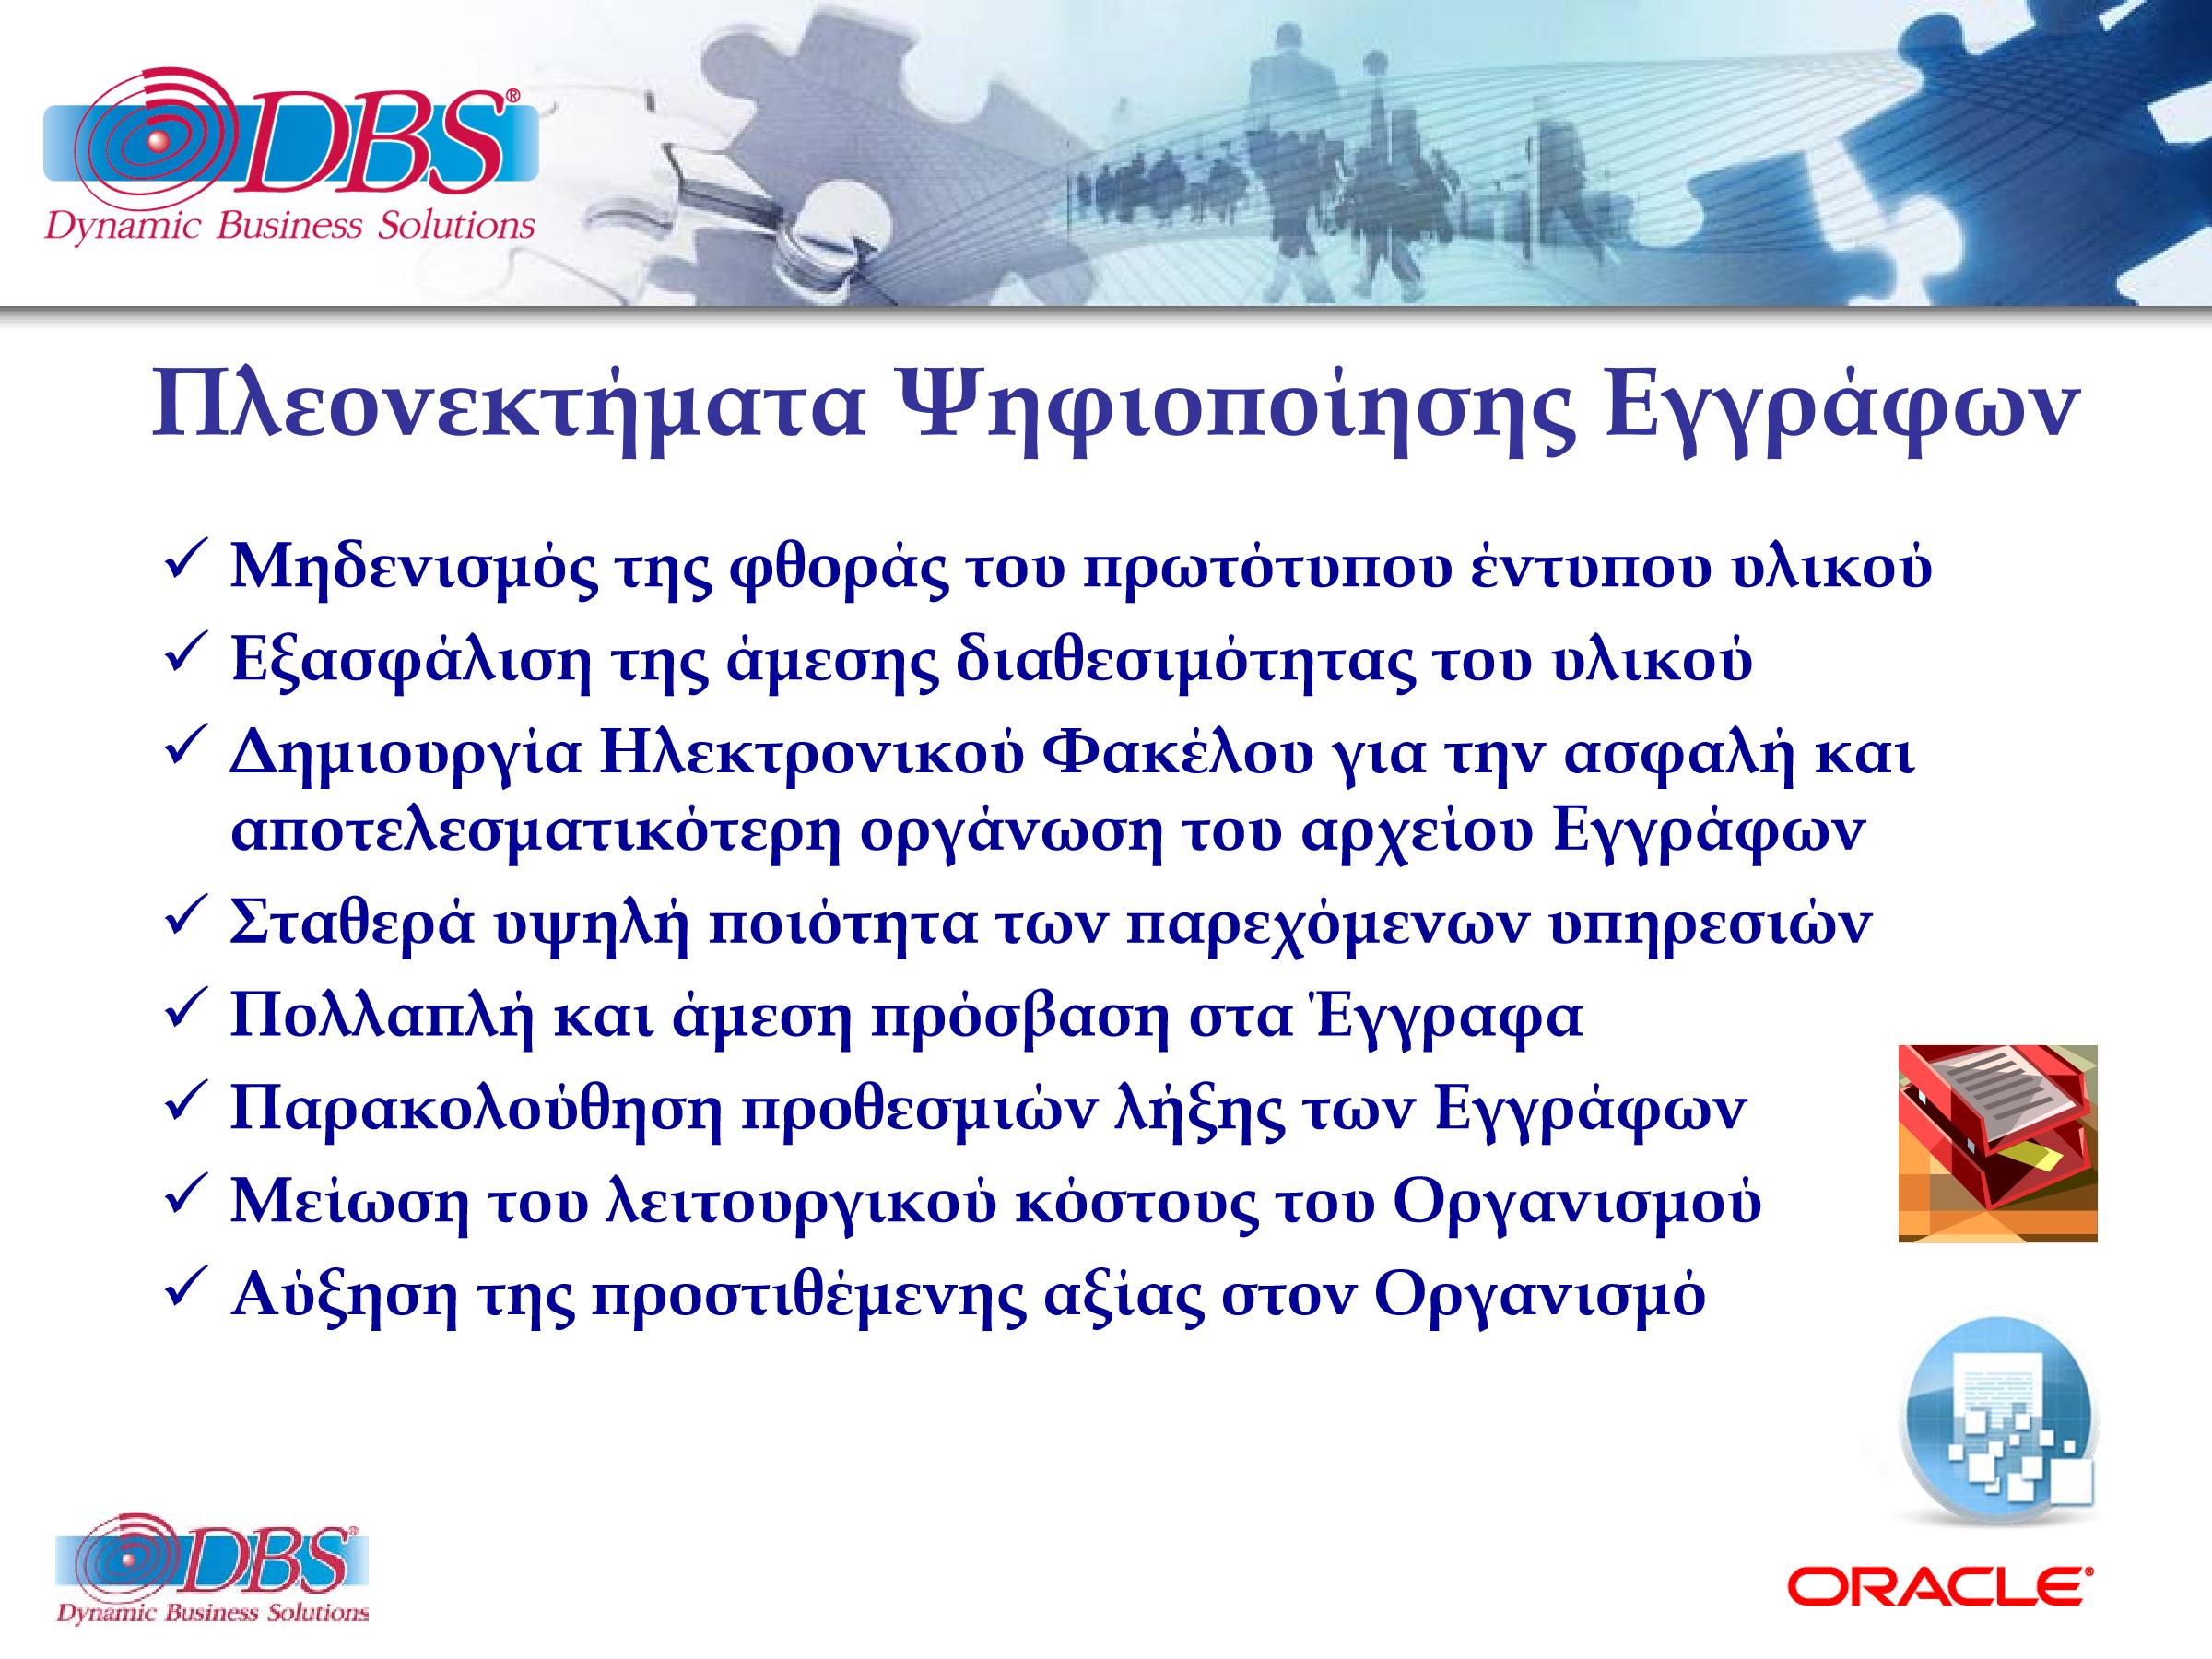 DBSDEMO2019_COMPANY_SERVICES_V18_R12-EL-13